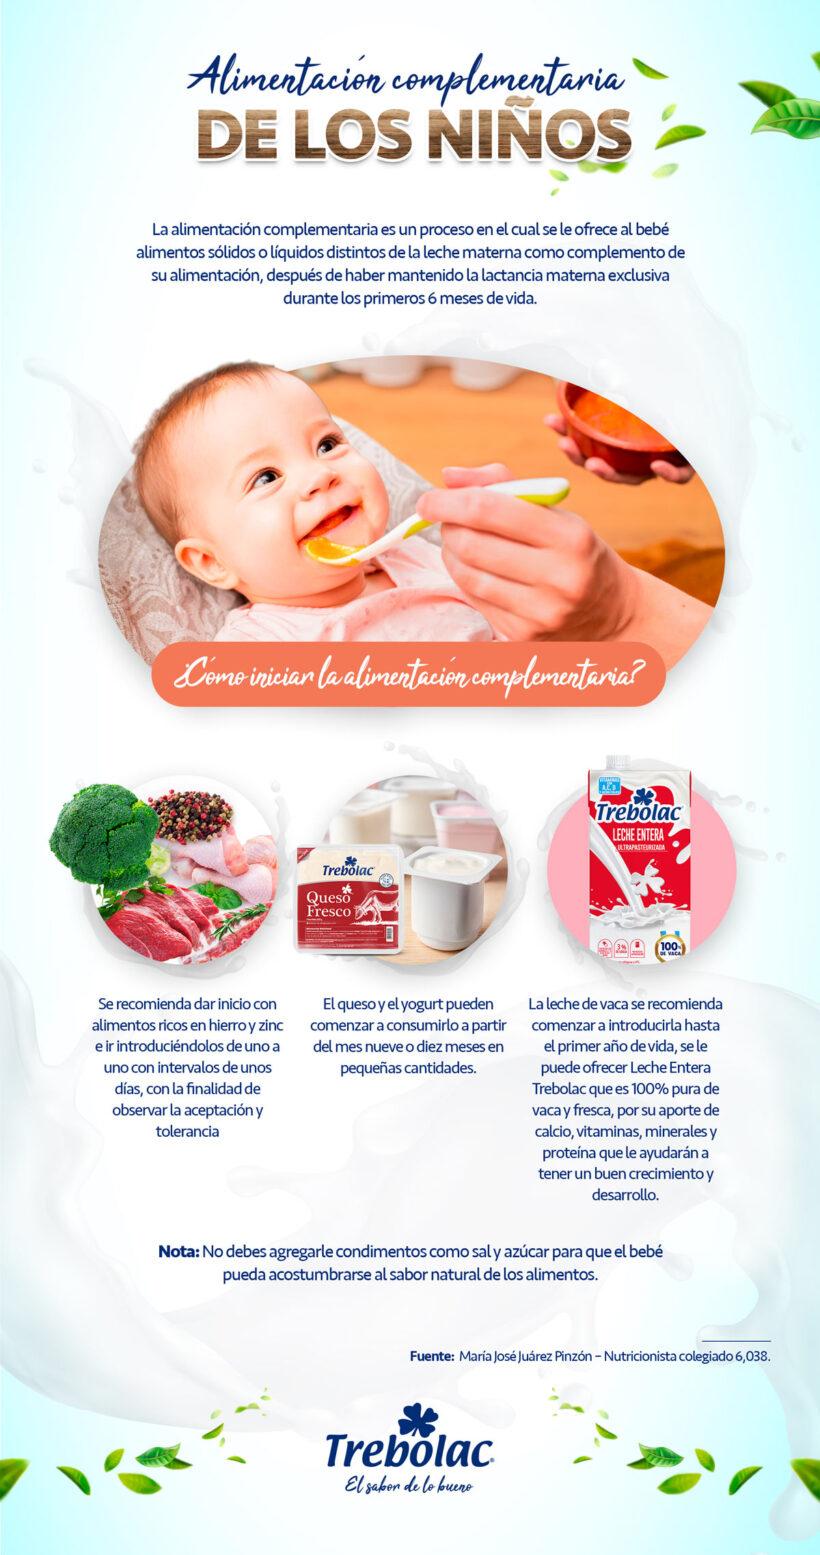 Alimentación complementaria de los niños - Inicio de consumo de lácteos. ¿Qué, cómo y cuándo comenzar a consumirlos?